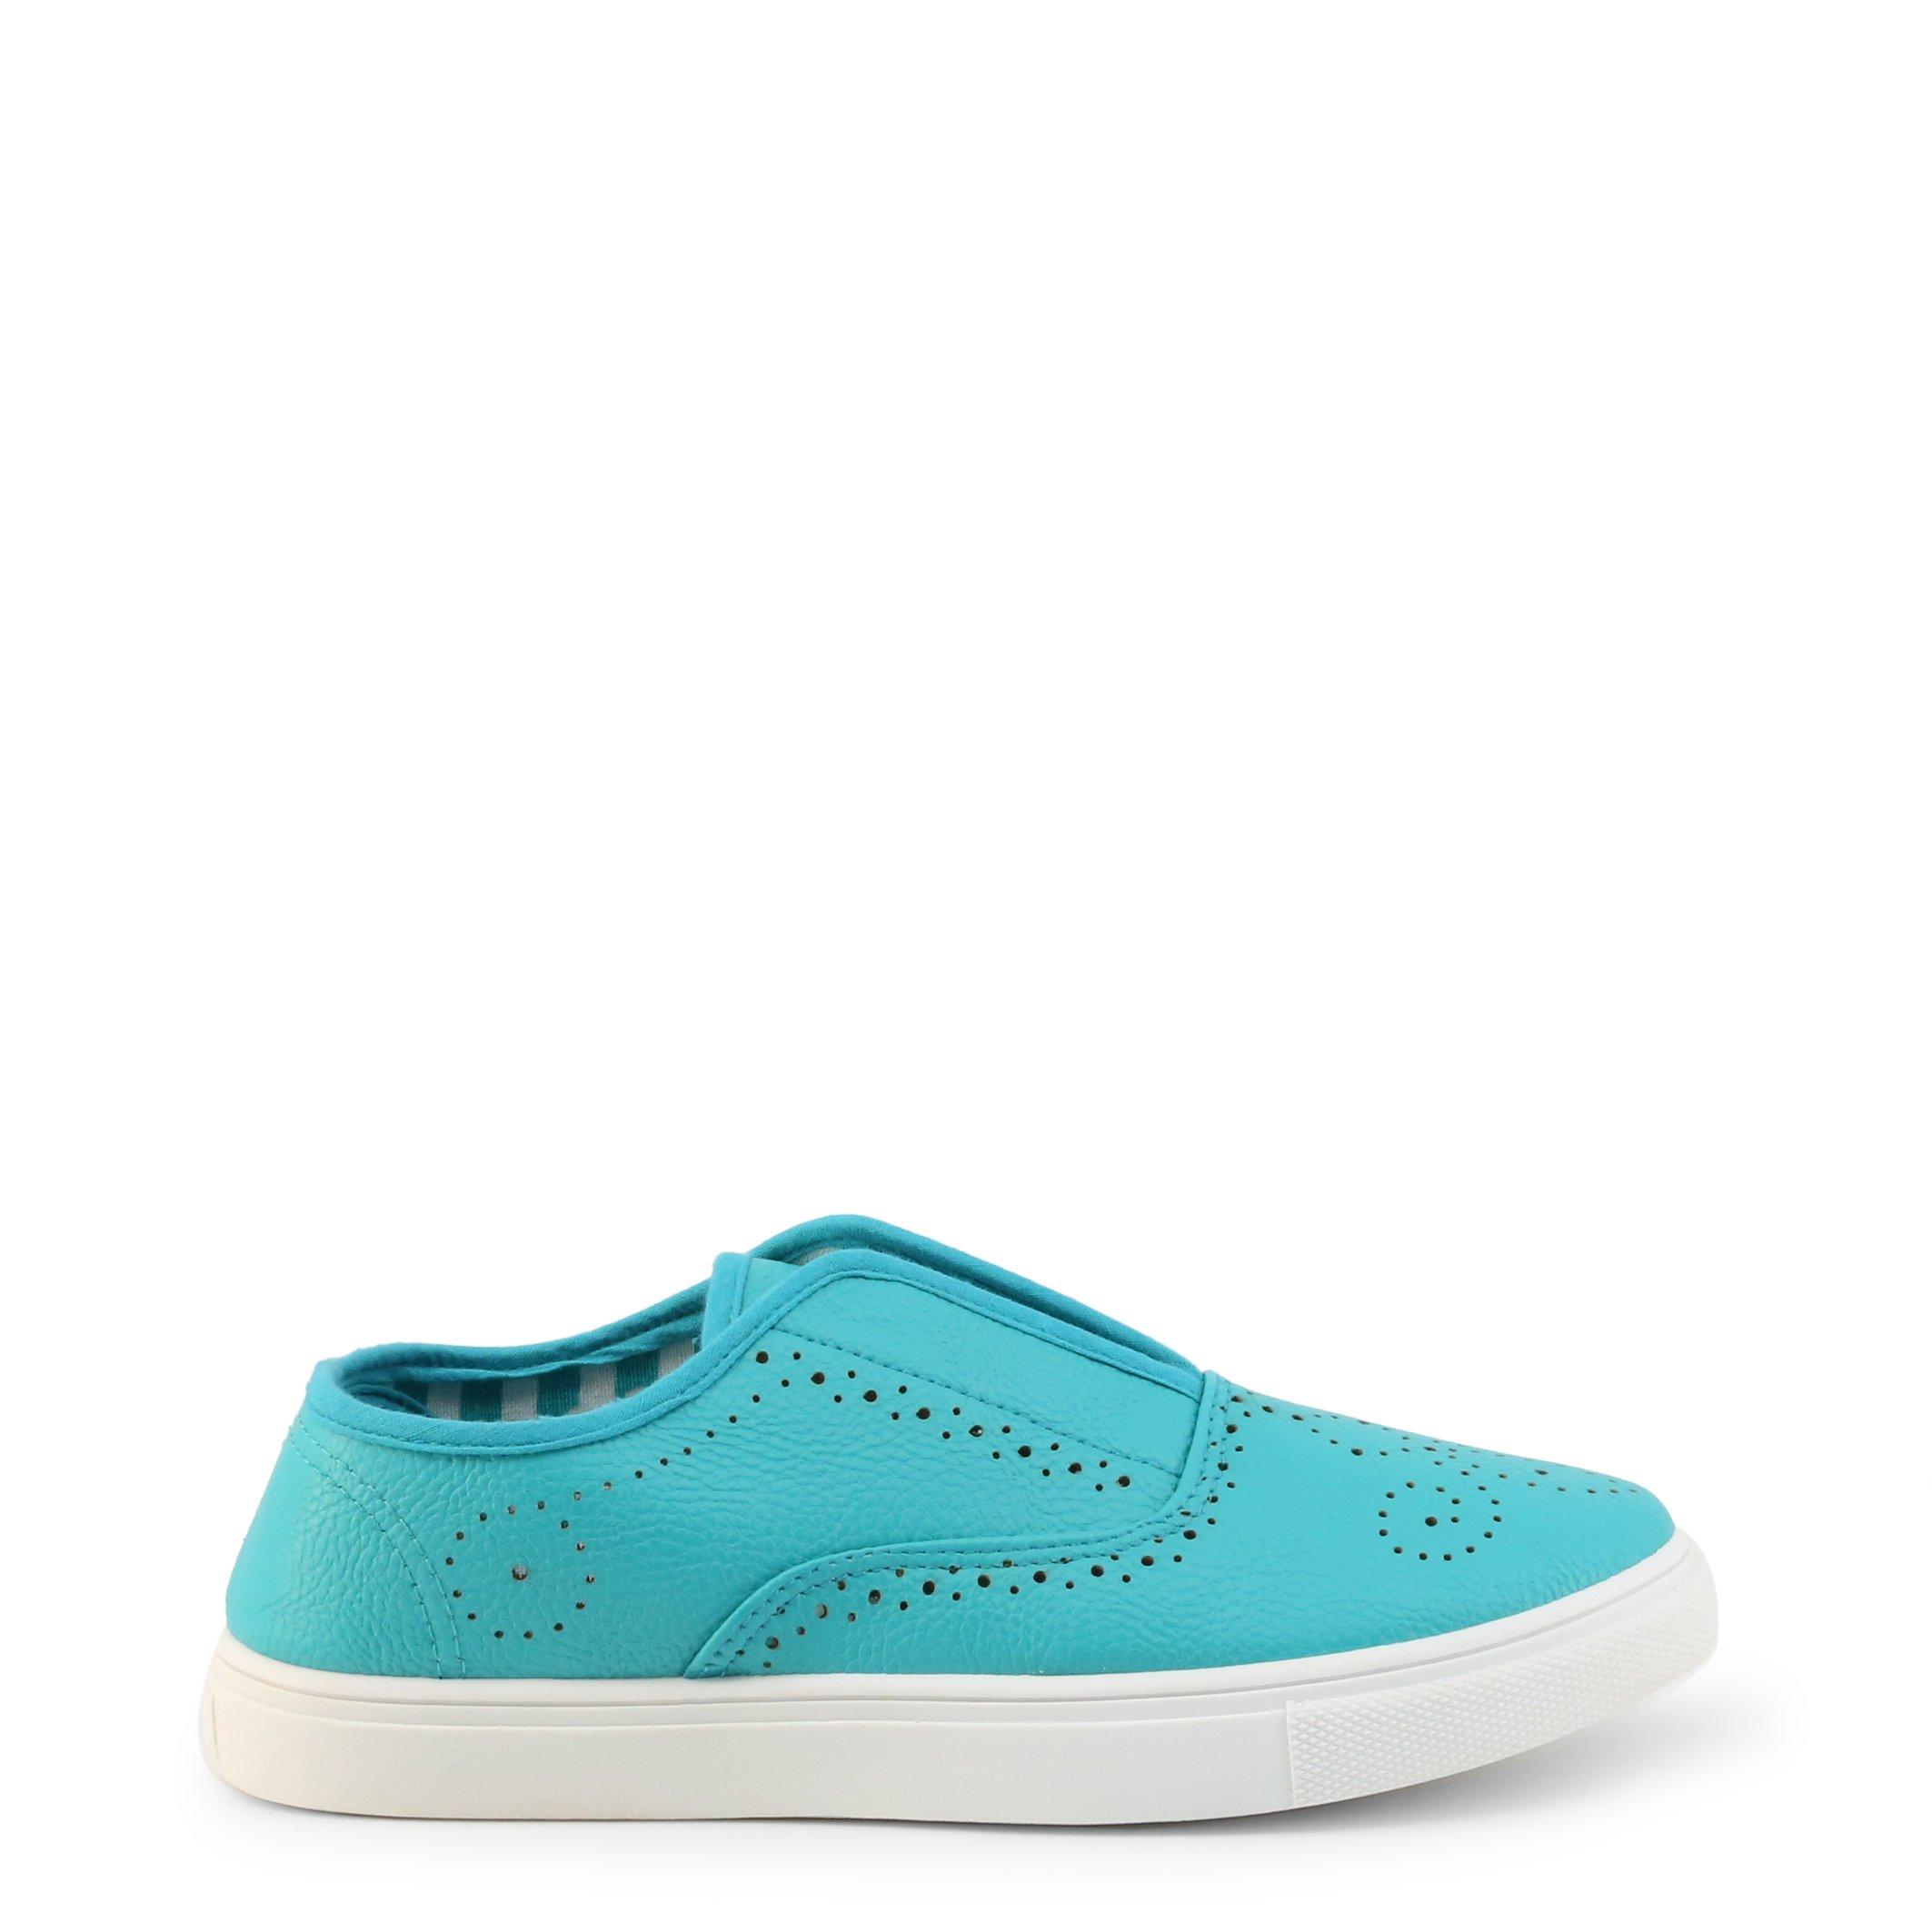 Roccobarocco Women's Slip On Shoe Various Colours RBSC1C701 - blue-1 EU 39